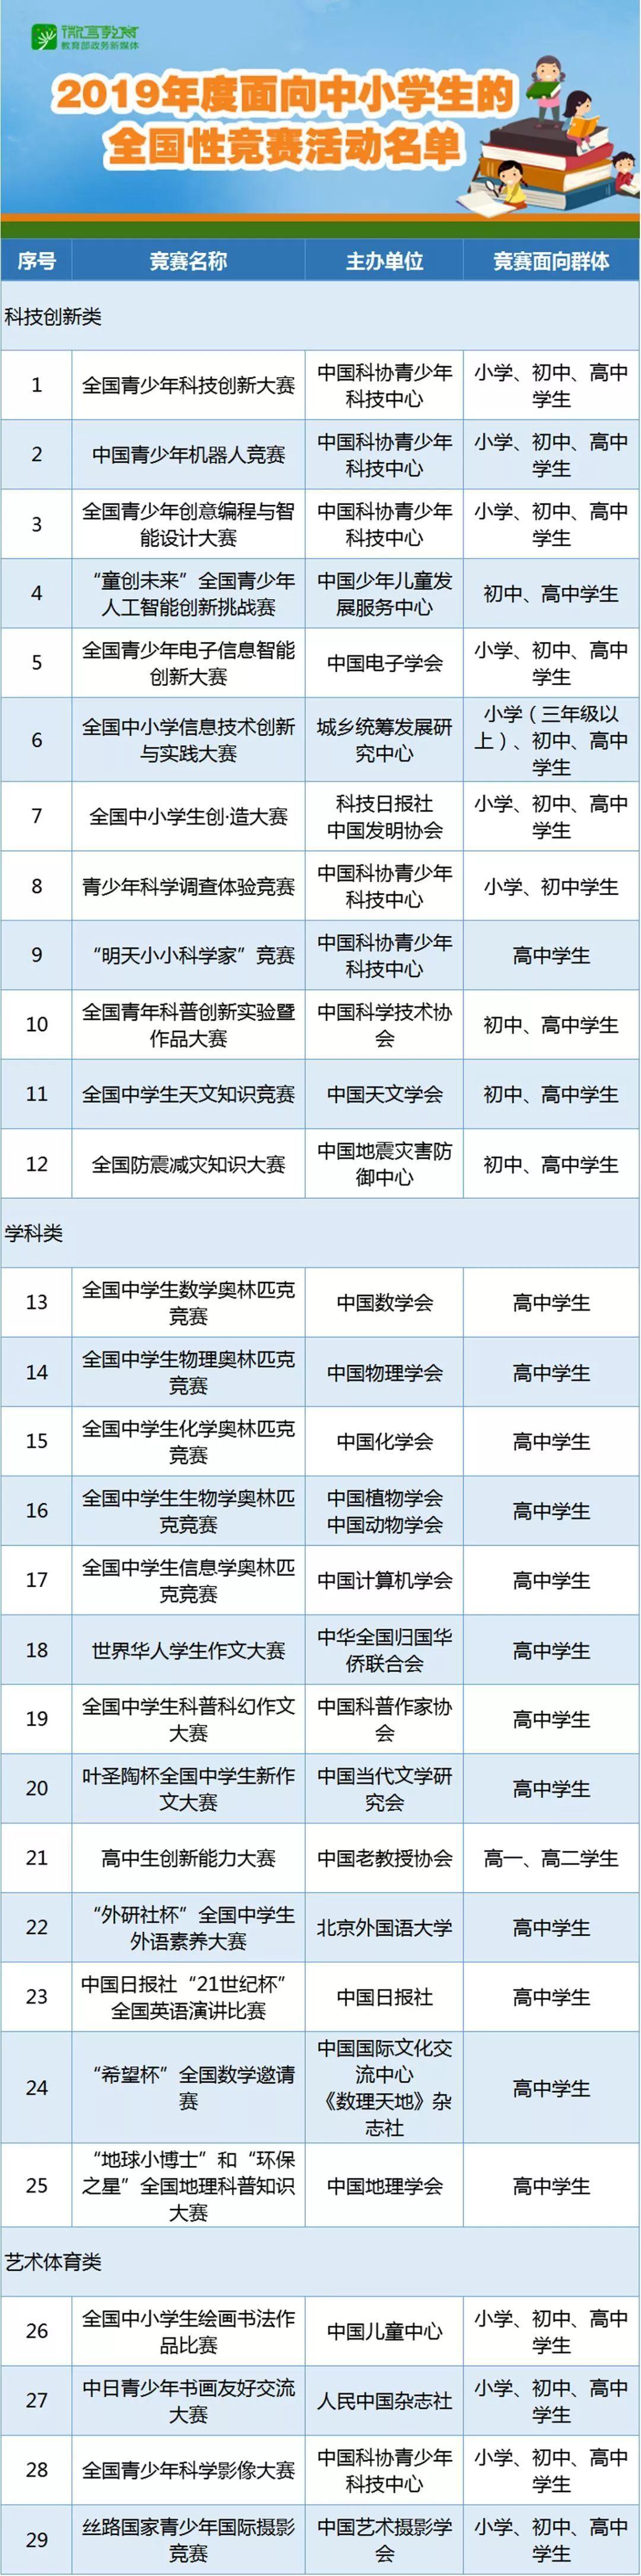 教育部公布29项中小学全国竞赛活动名单 删除这3项